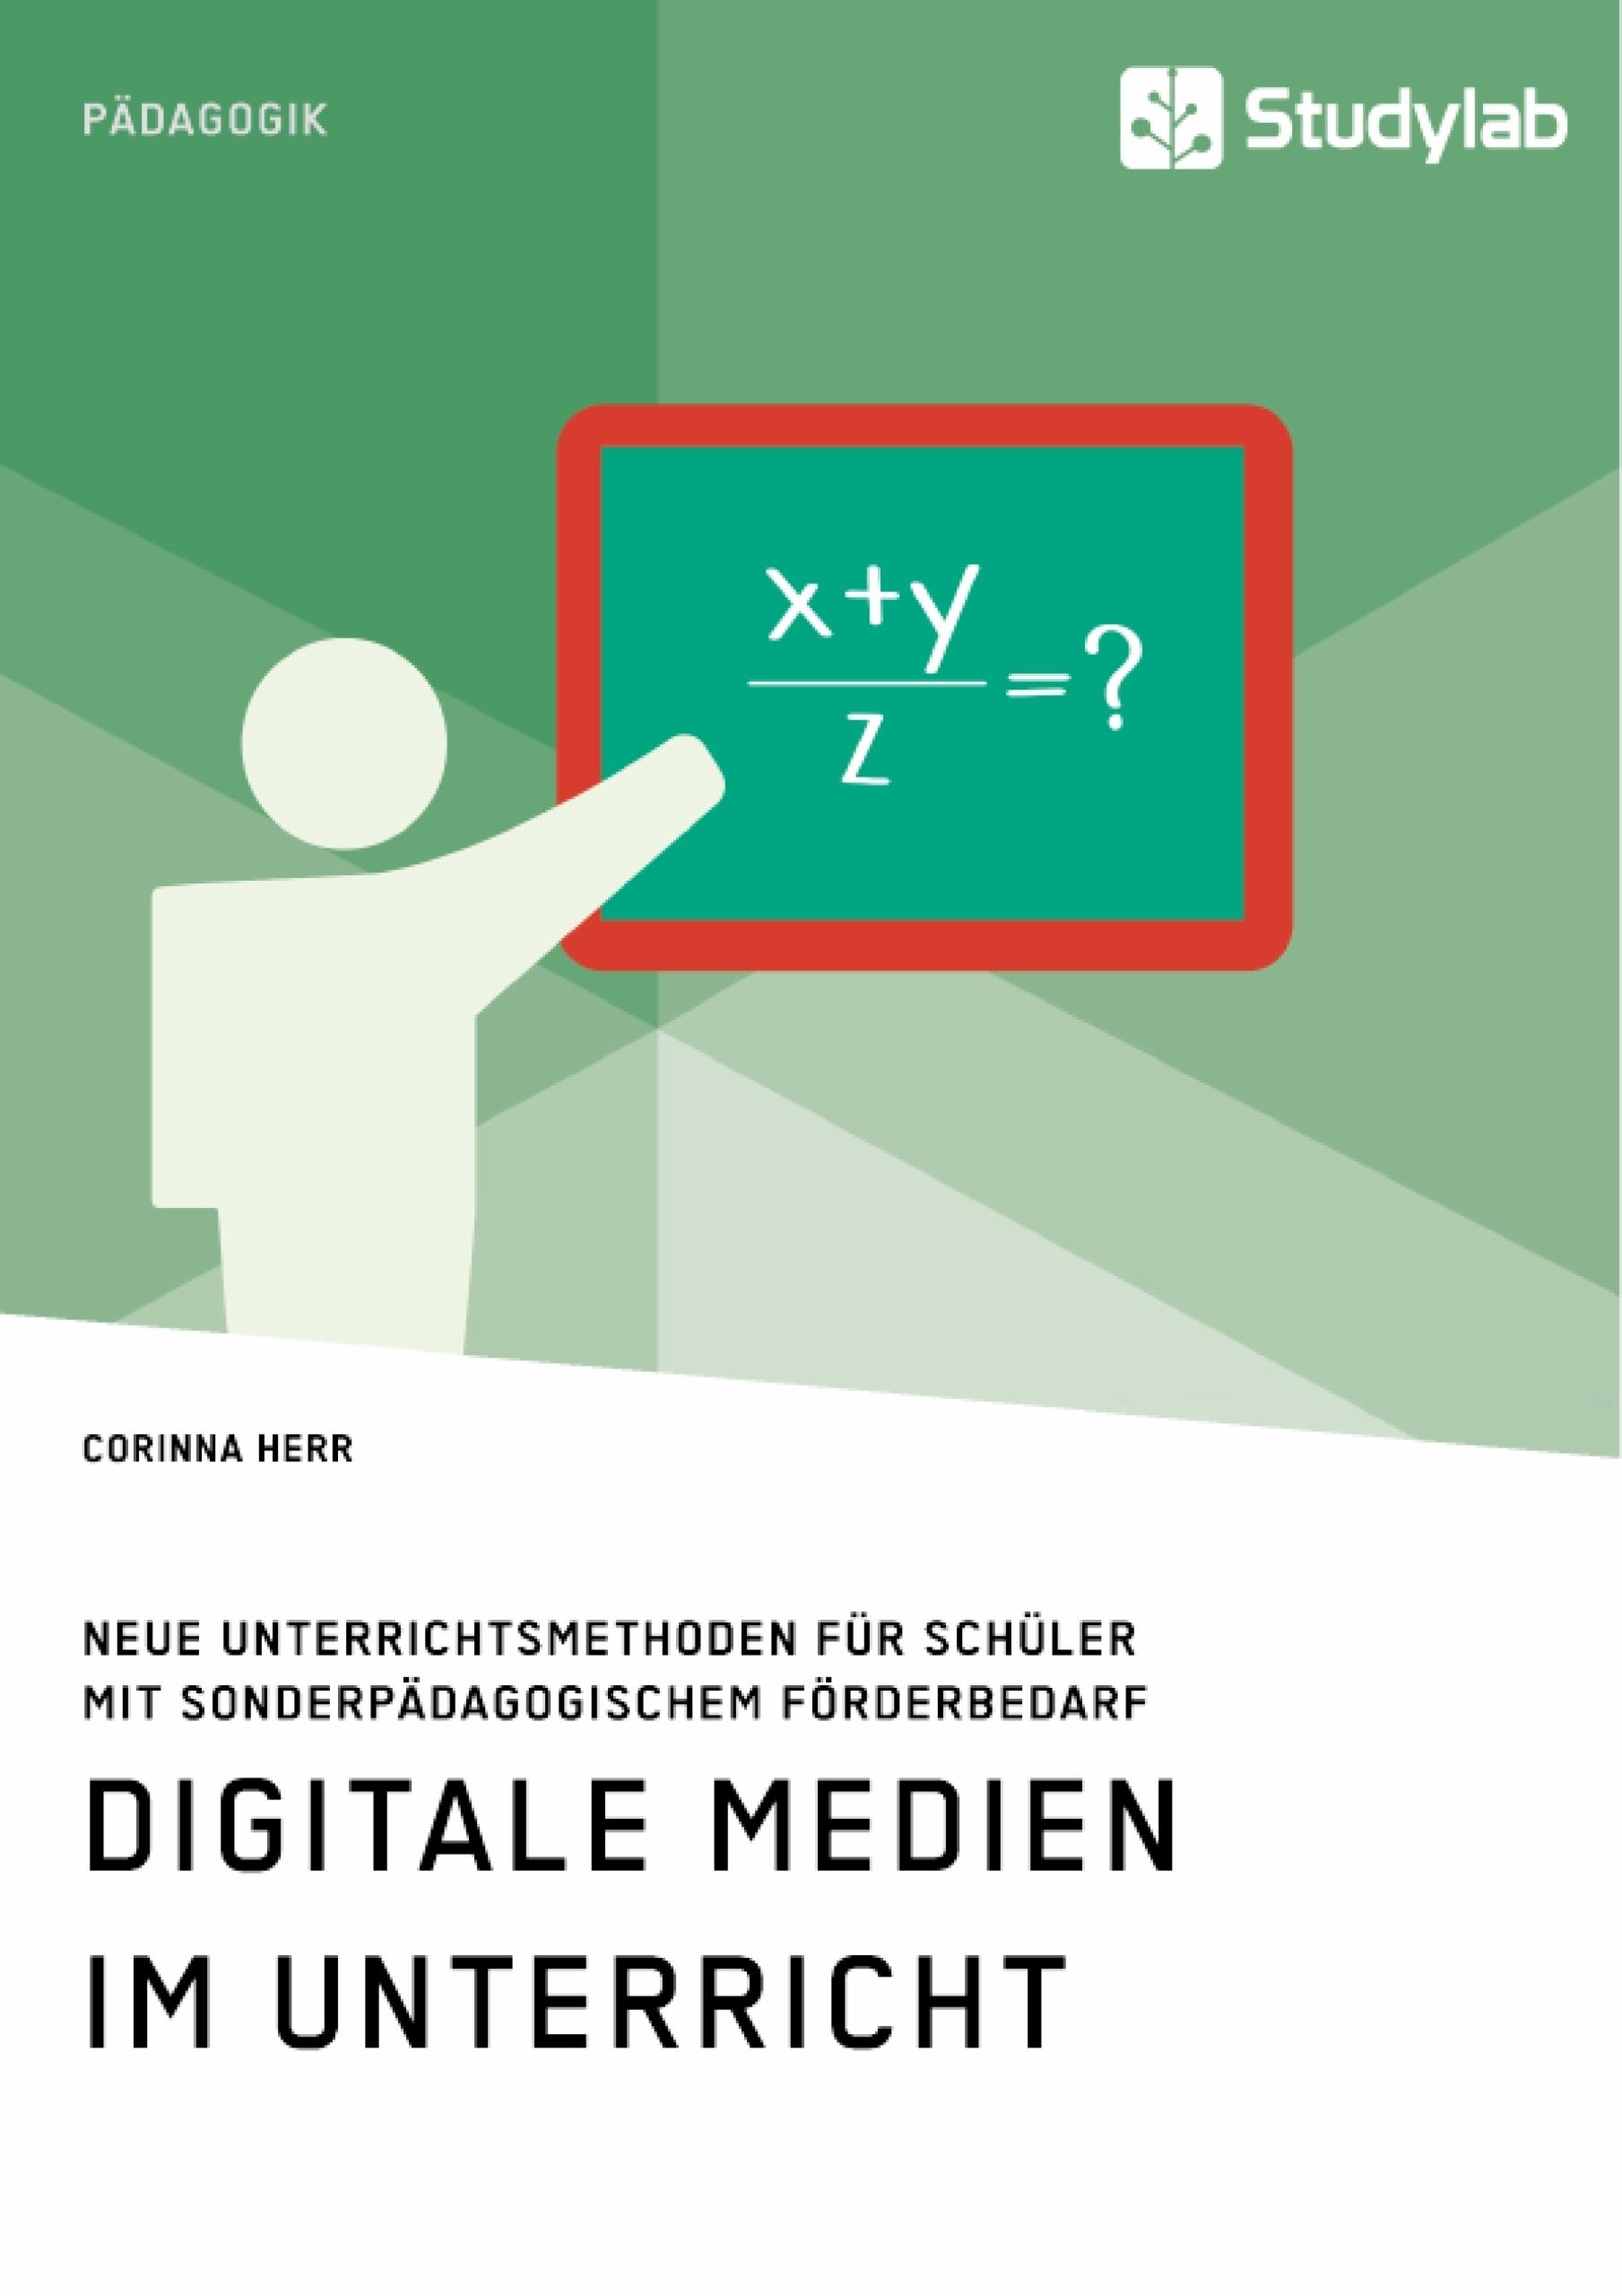 Titel: Digitale Medien im Unterricht. Neue Unterrichtsmethoden für Schüler mit sonderpädagogischem Förderbedarf